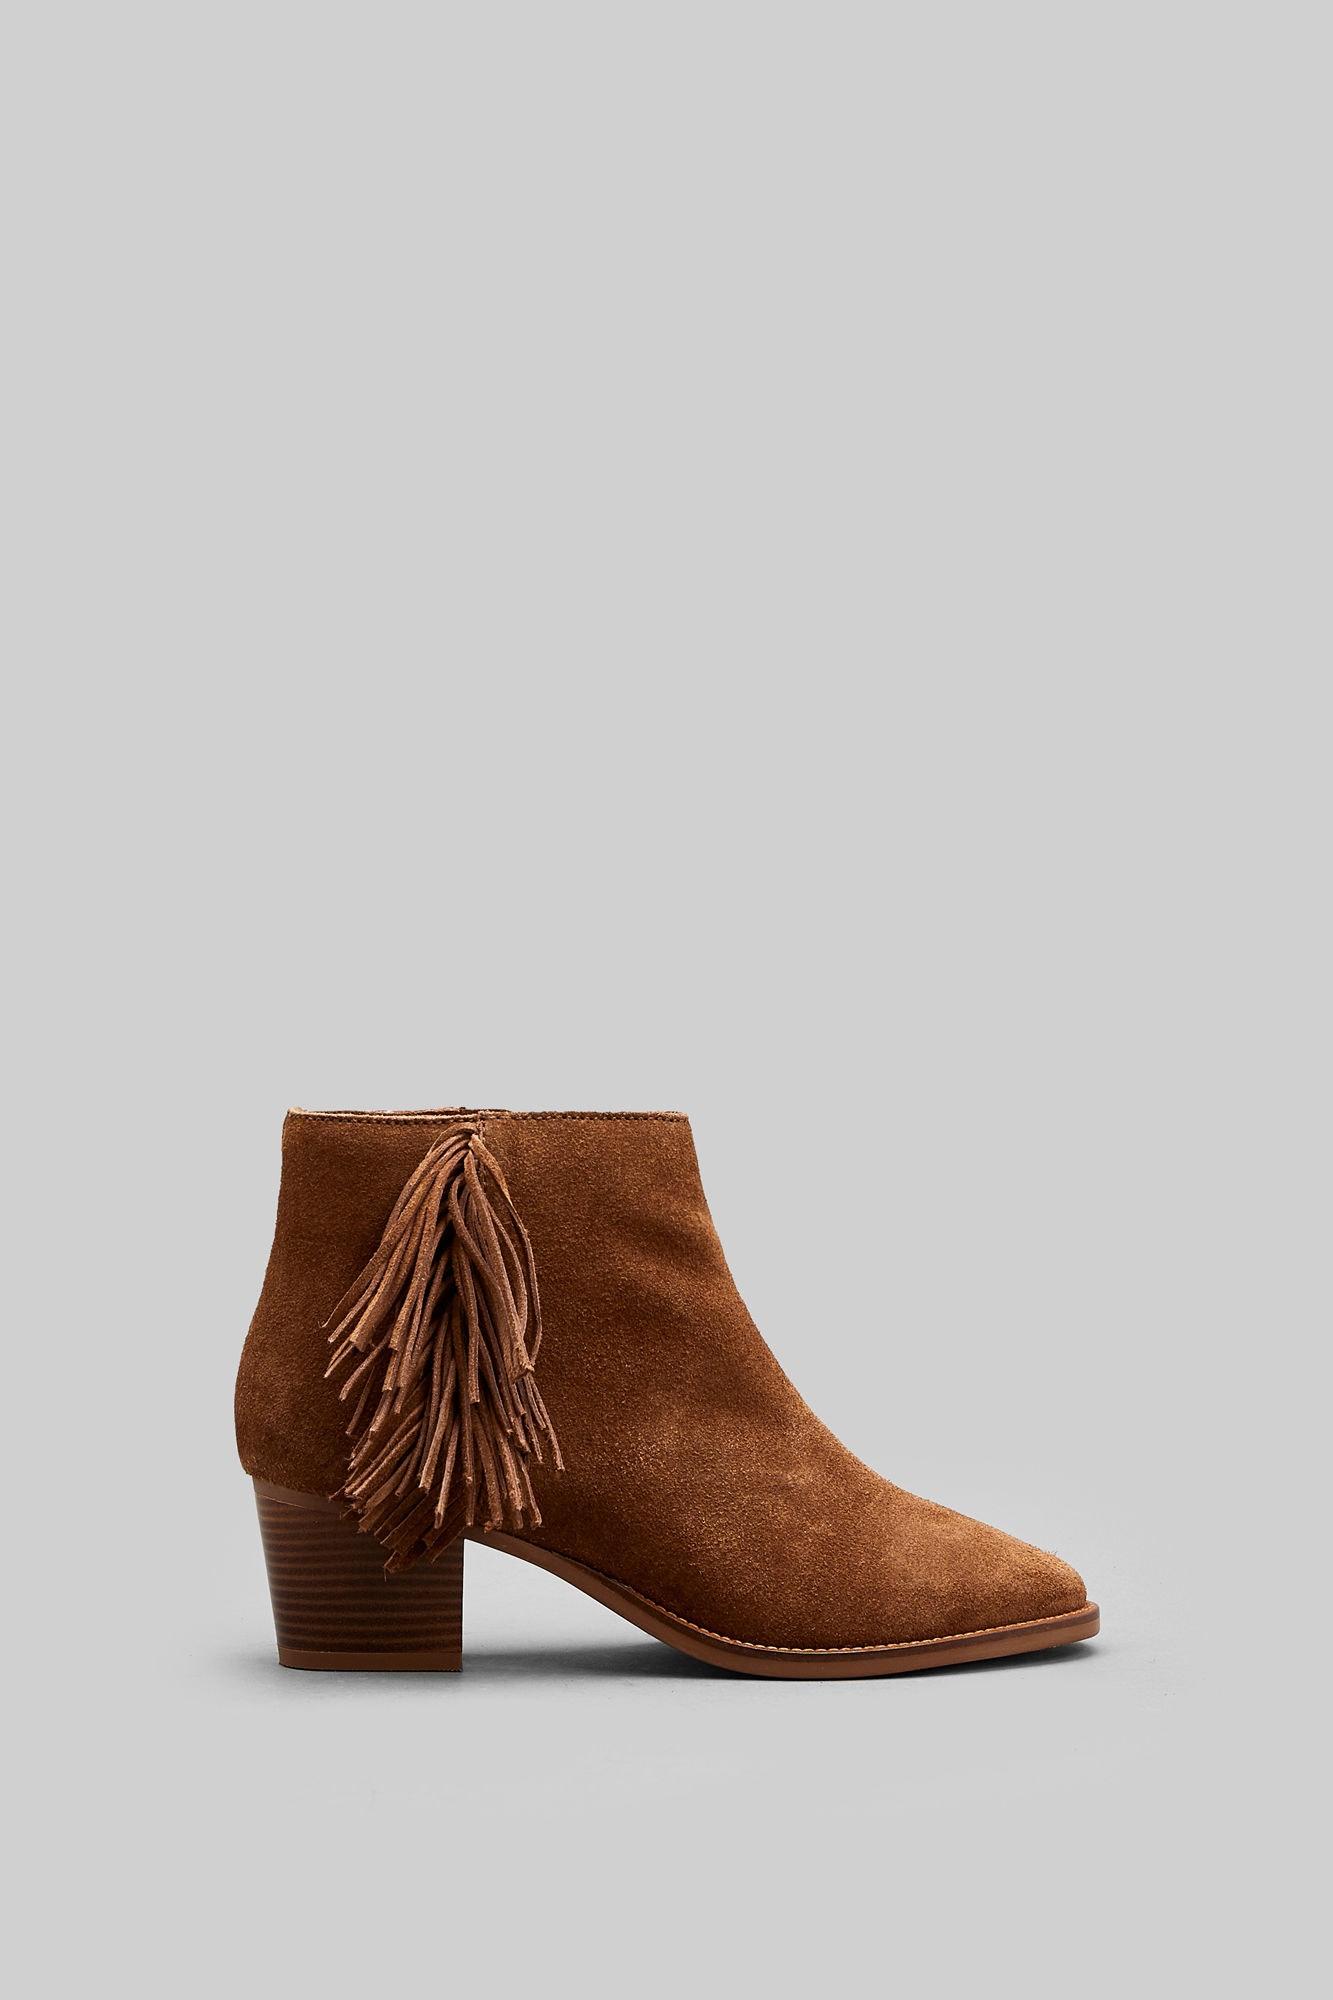 e8336d85d Botins de cowboy: 5 formas de usar a tendência - CascaiShopping